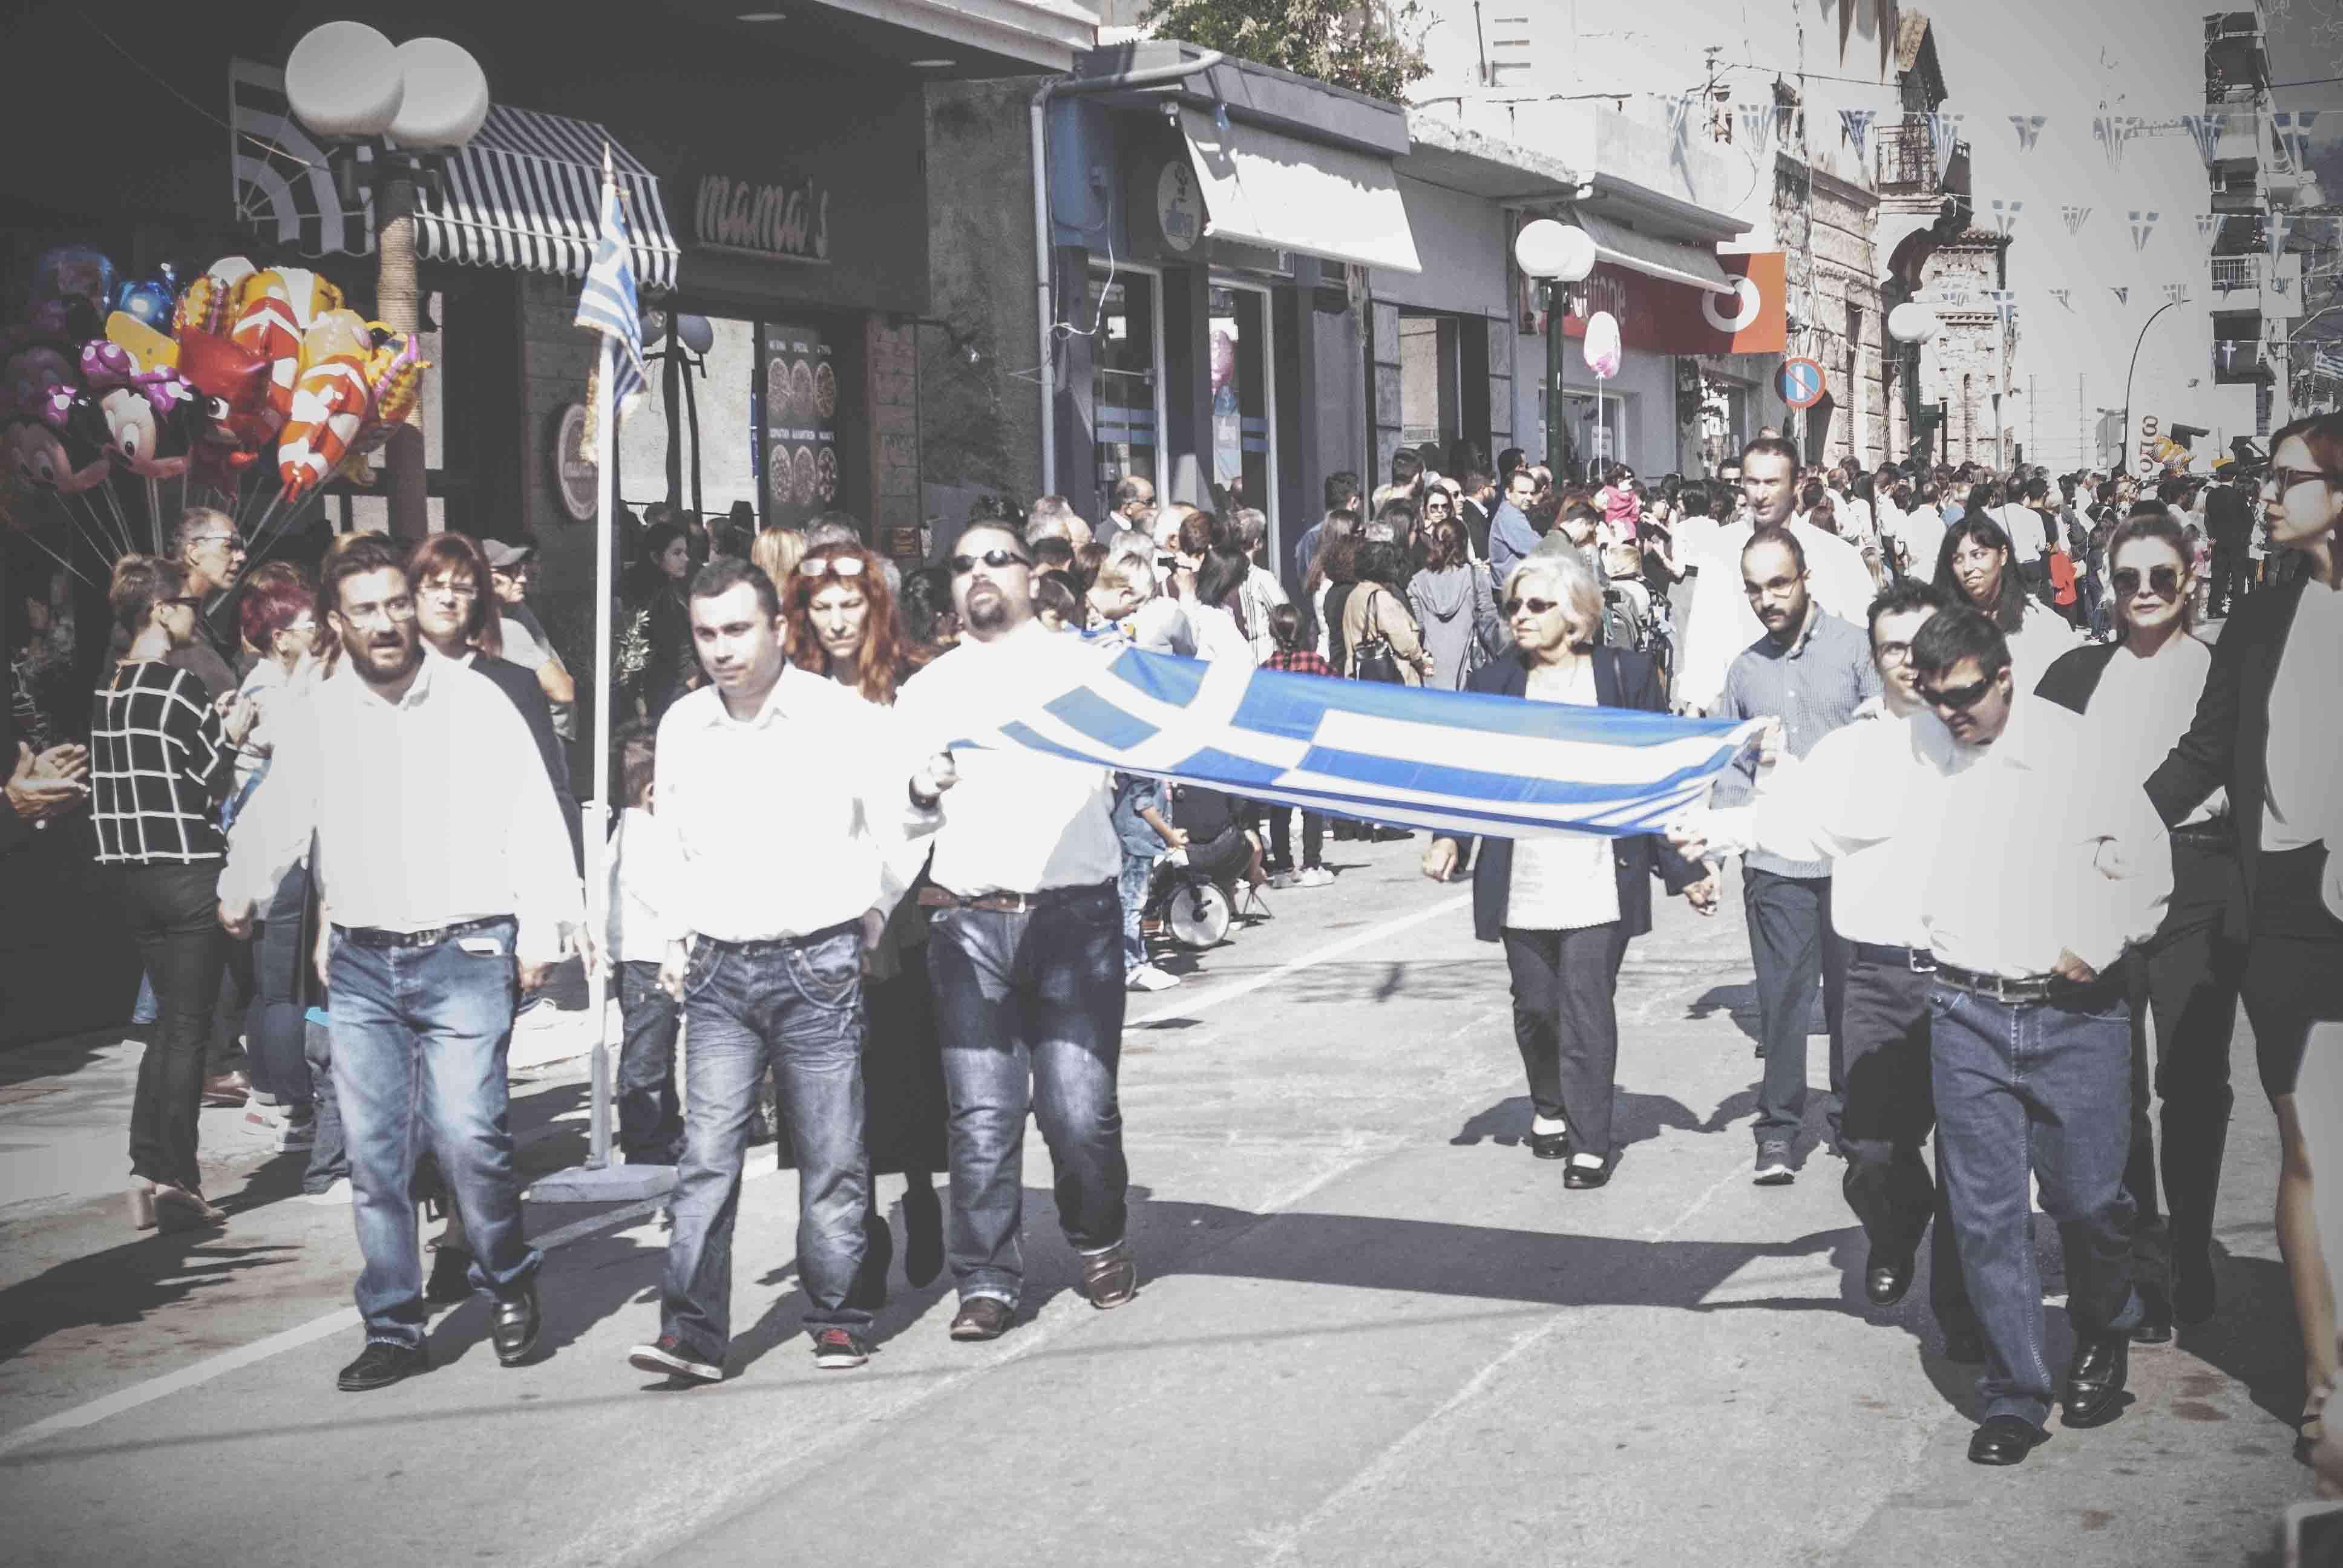 Η παρέλαση της 28ης Οκτωβρίου σε Καστέλλα και Ψαχνά (φωτό) DSC 0338